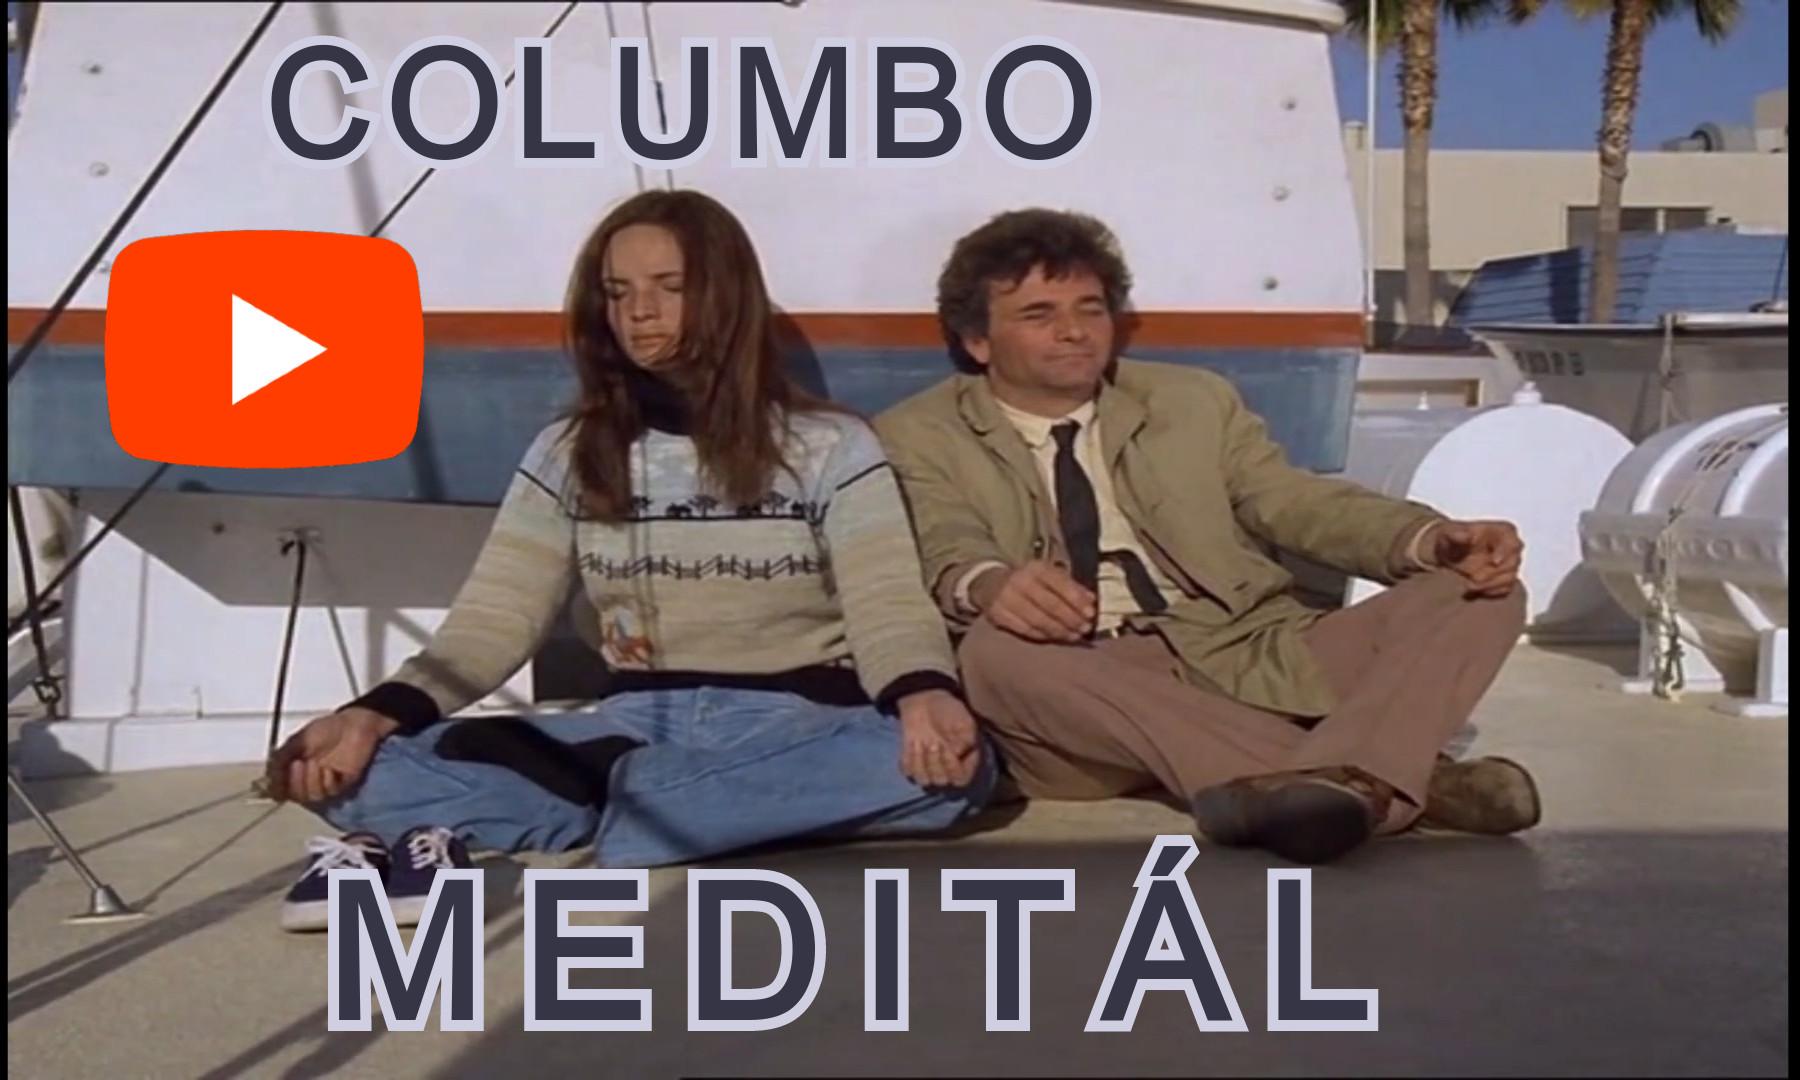 Columbó meditáció videó